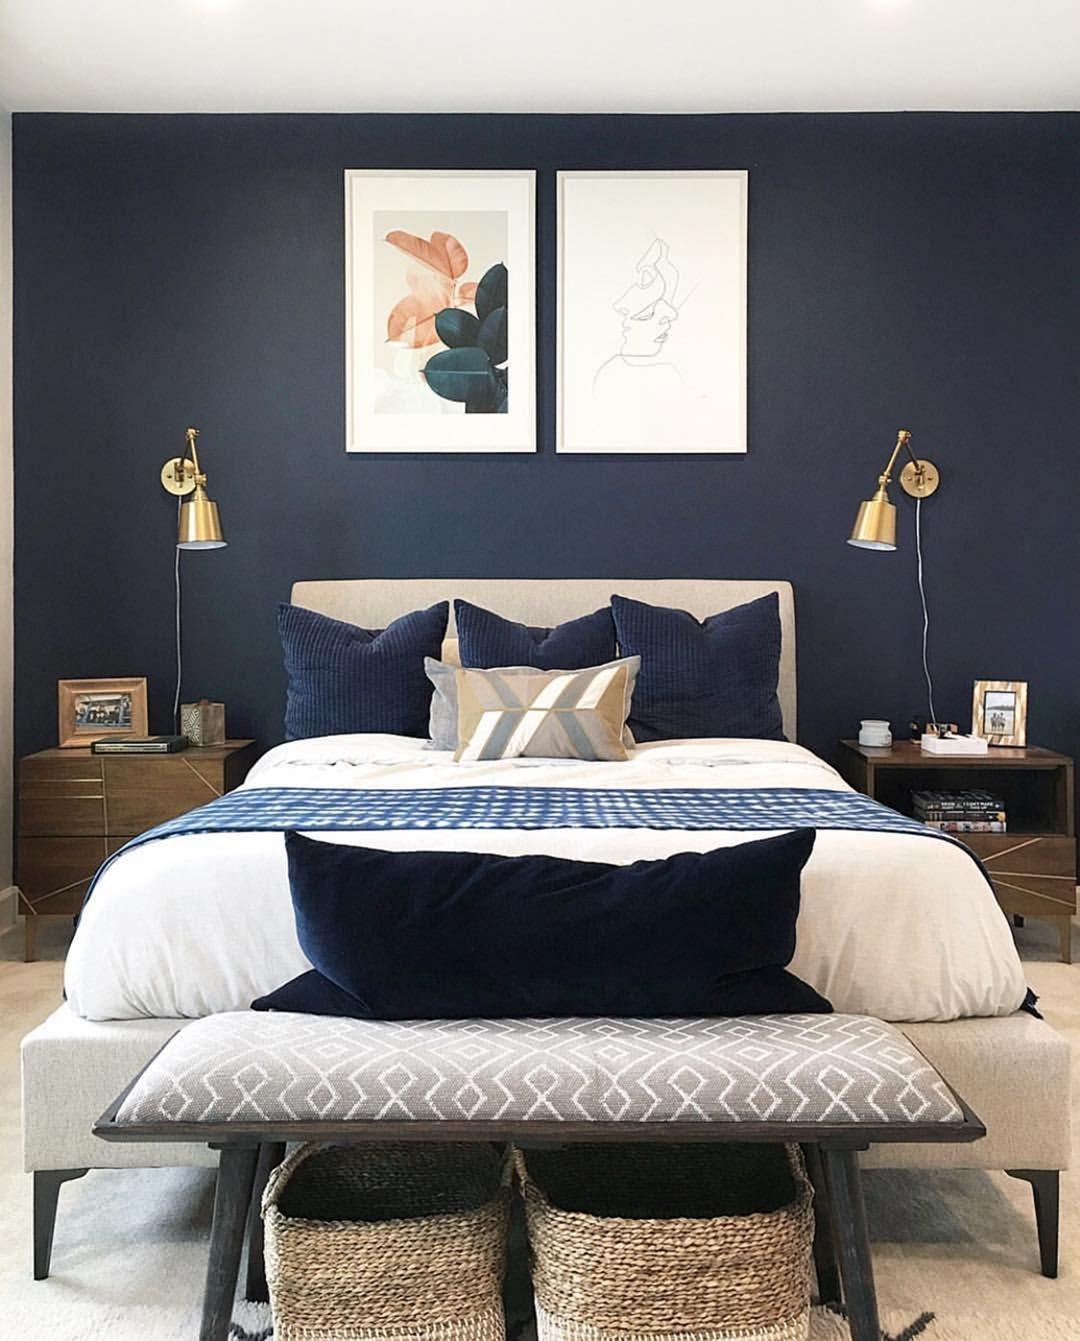 Amazing Bedroom Interior Design Ideas To Try41